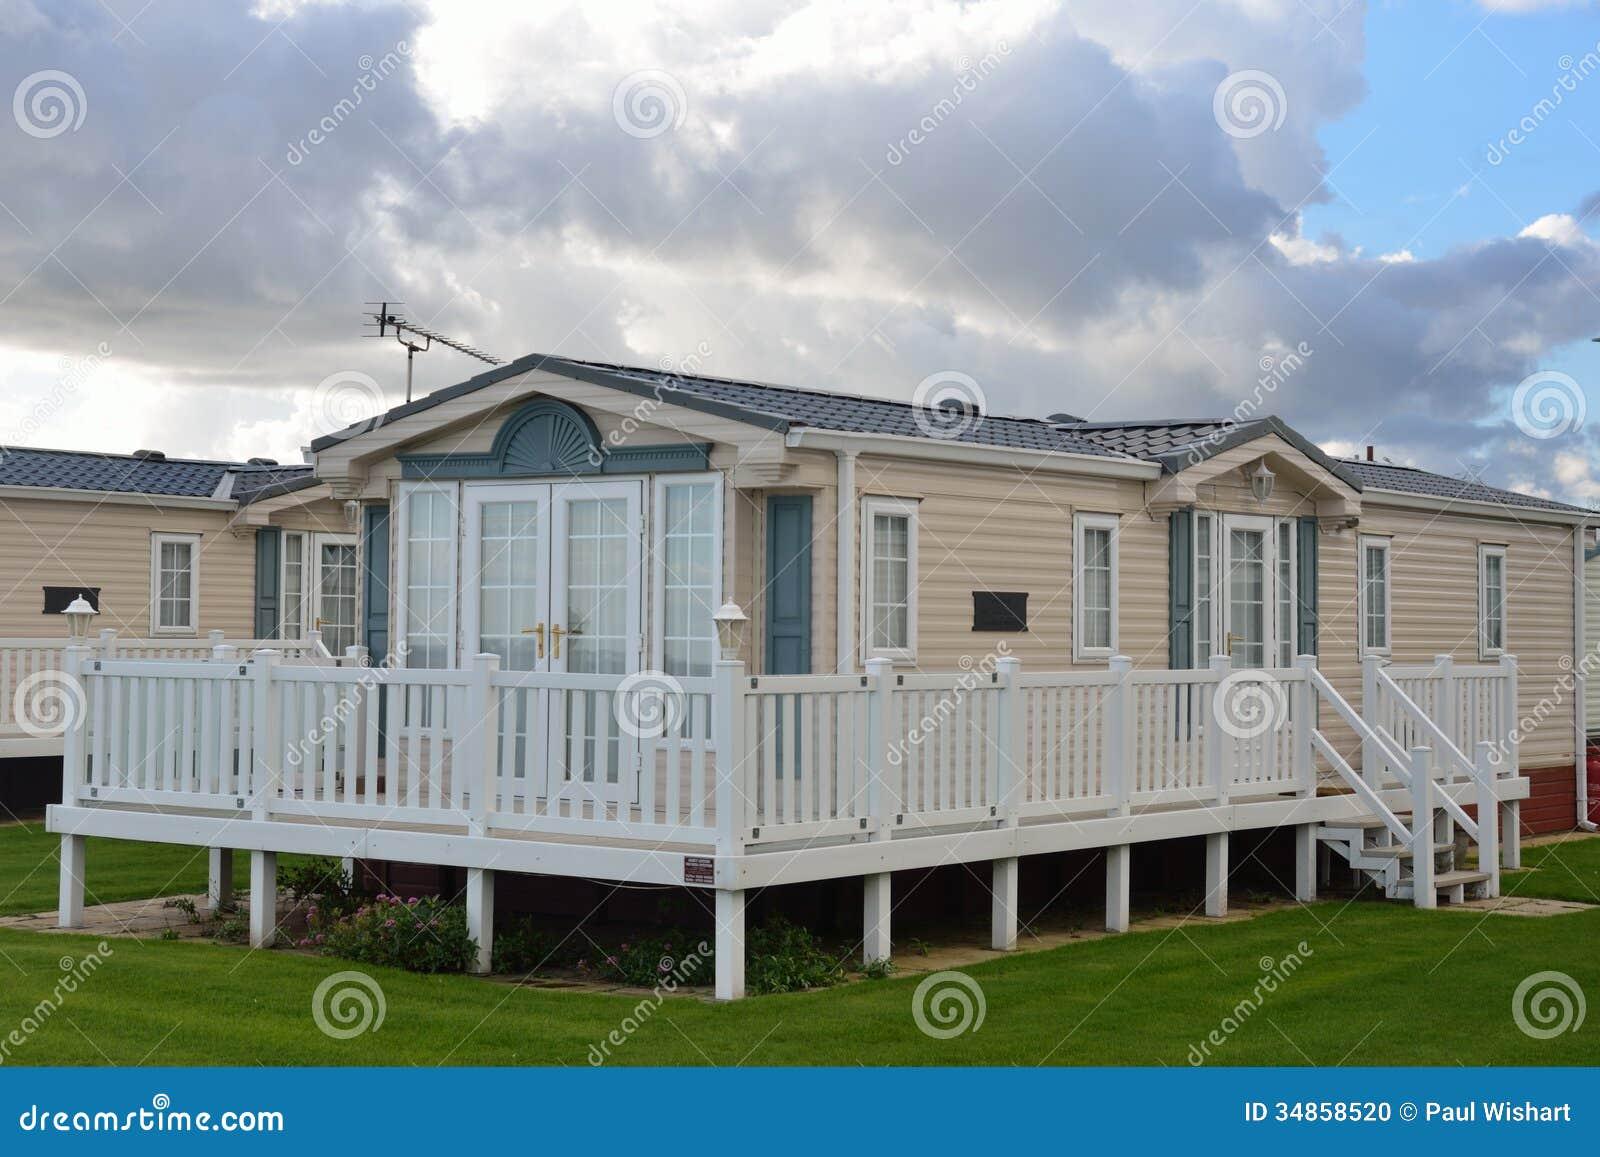 caravane r sidentielle moderne photo stock image 34858520. Black Bedroom Furniture Sets. Home Design Ideas